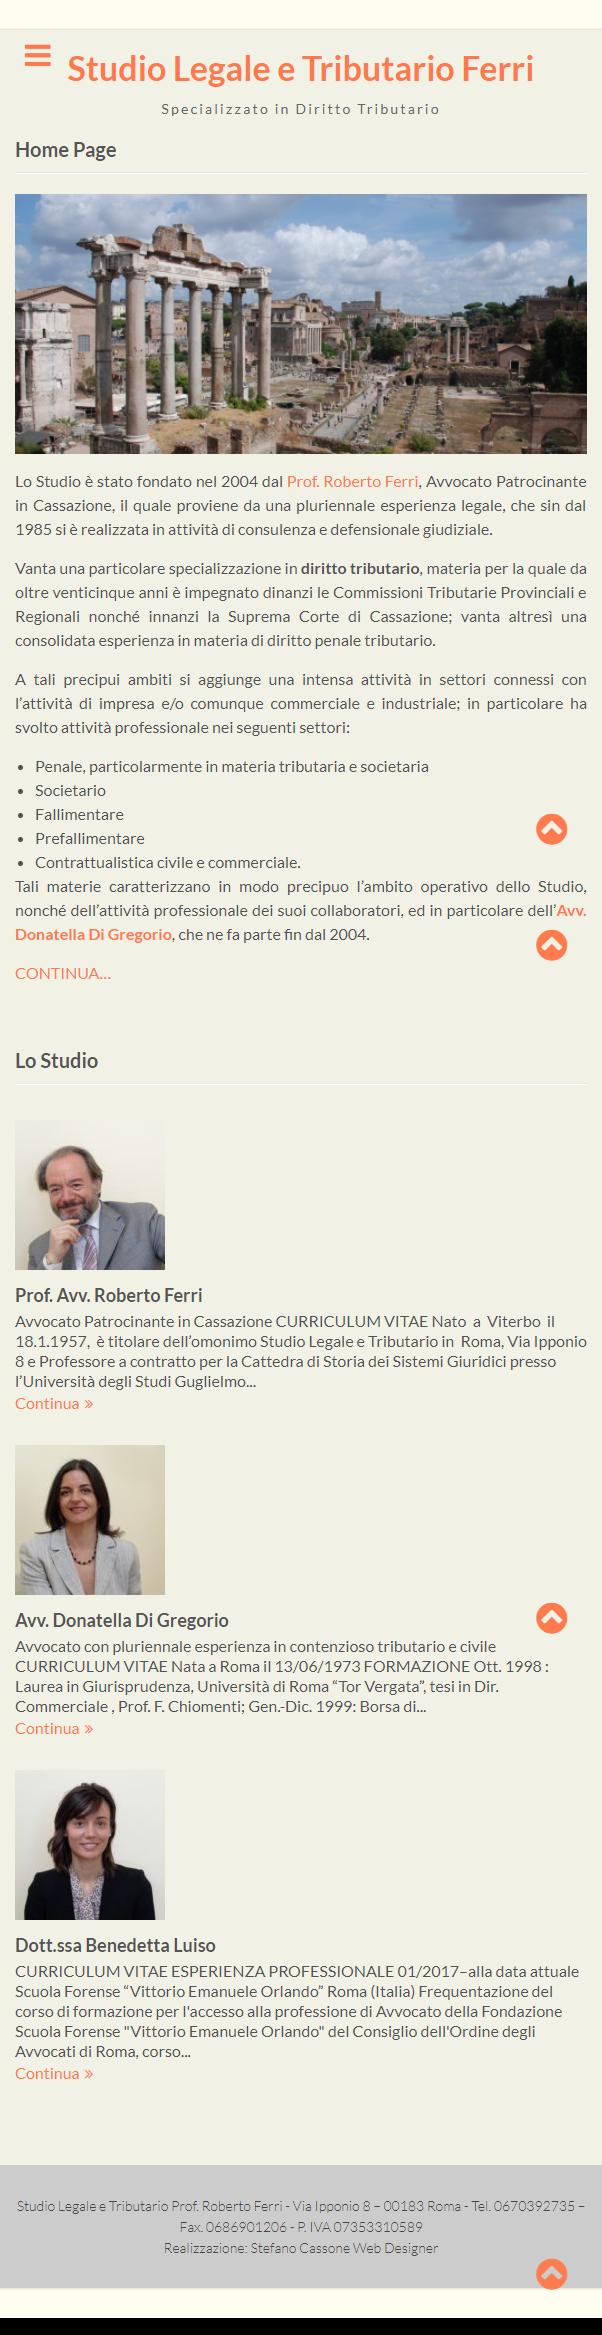 Studio Legale e Tributario Ferri - Home Page - Mobile